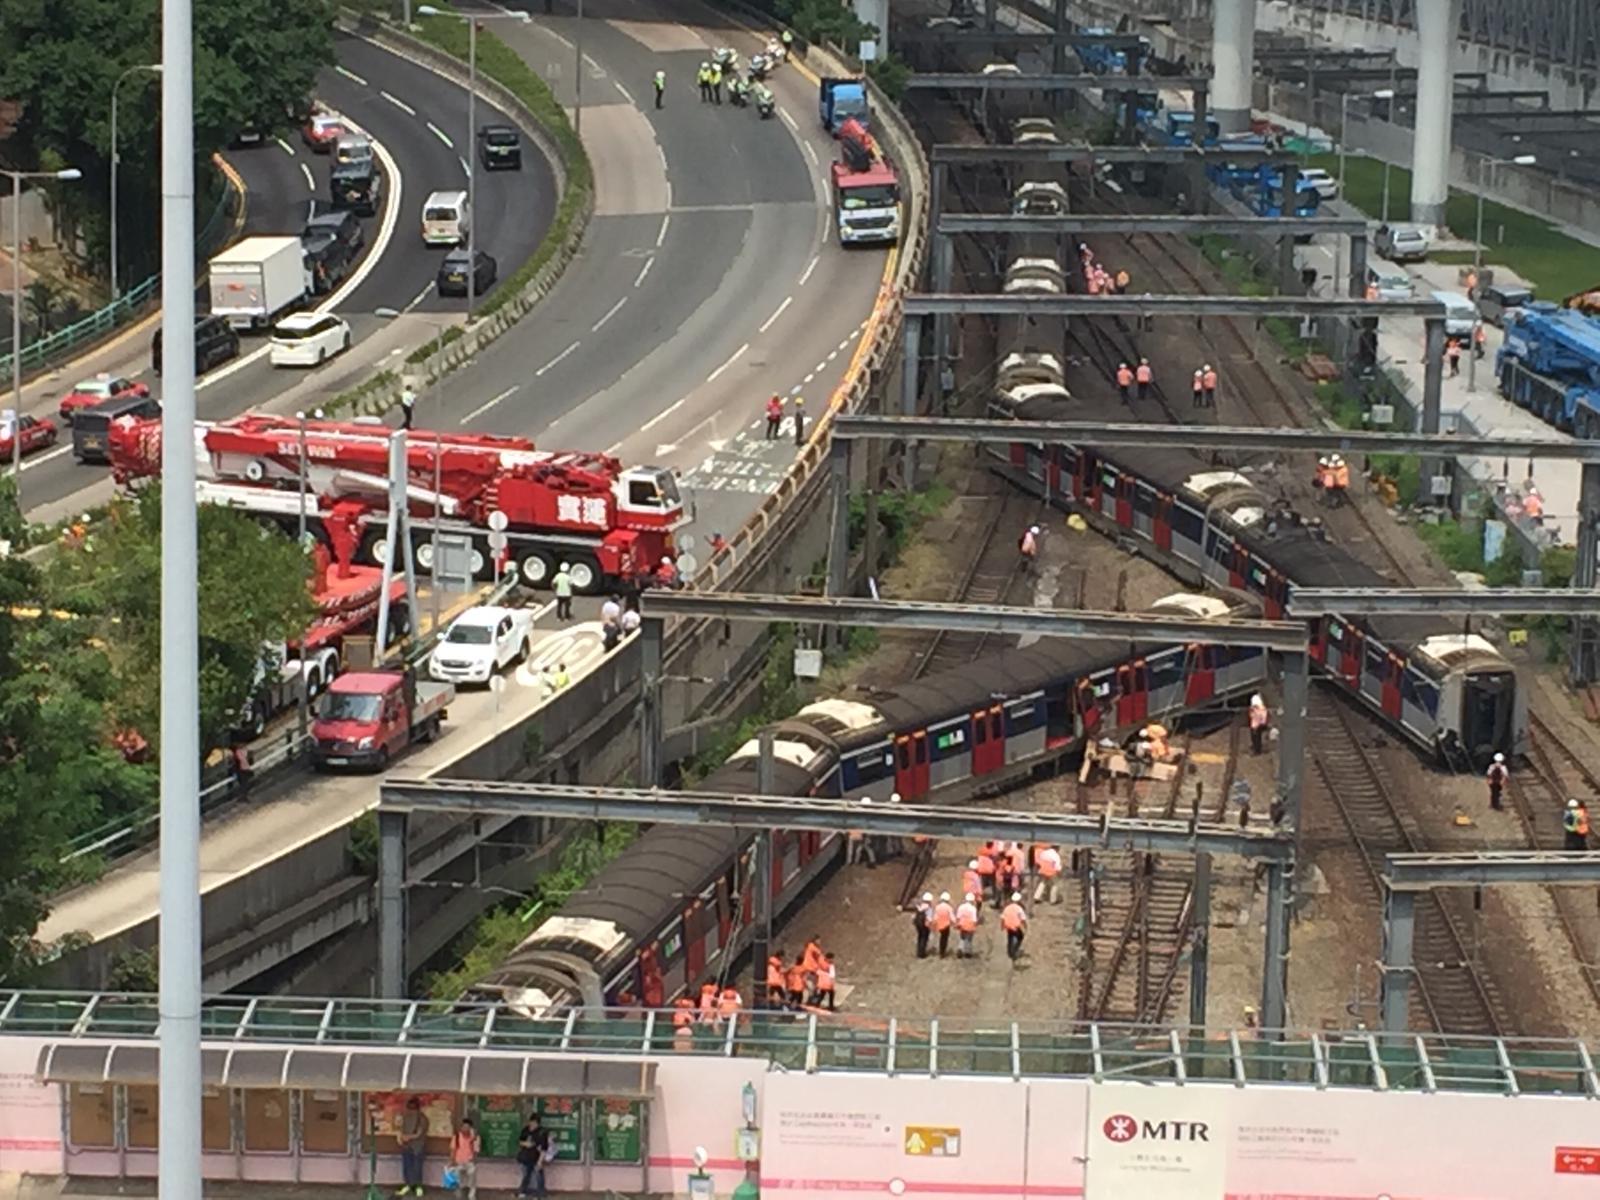 【港铁出轨】陈恒鑌指乘客疏散混乱 陆颂雄忧铁路维修严重不足